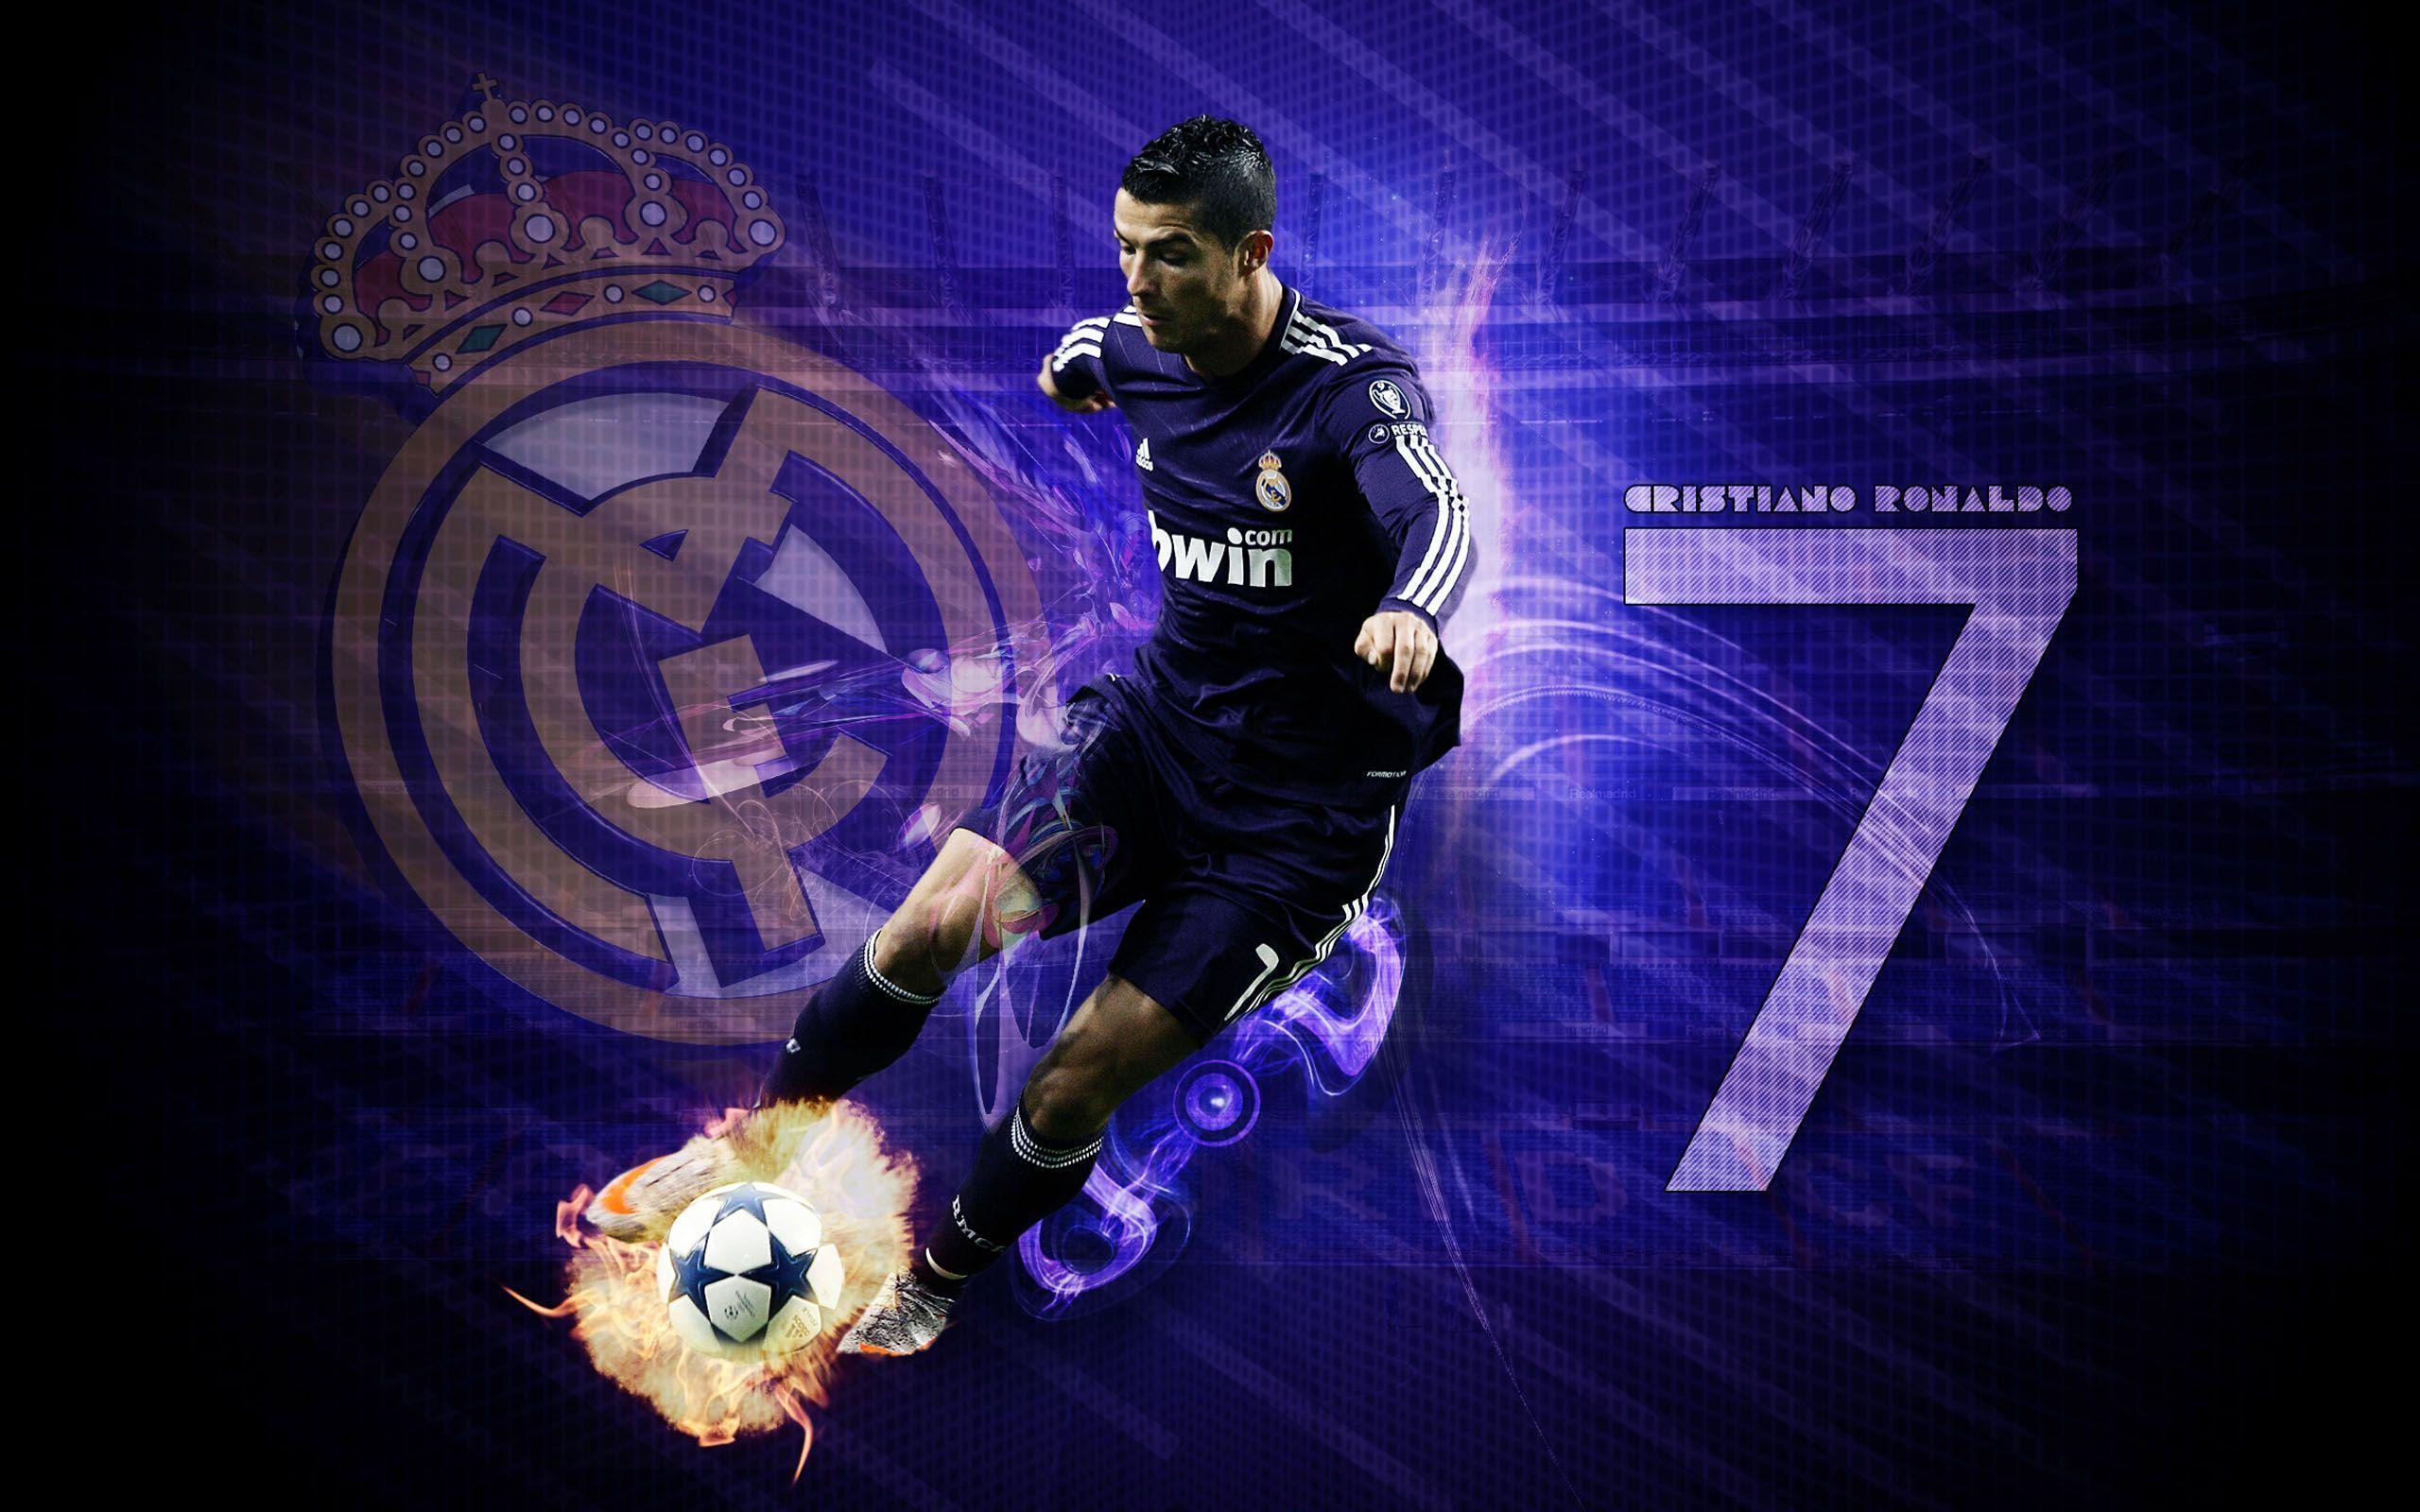 Hình nền cầu thủ bóng đá Cristiano Ronaldo